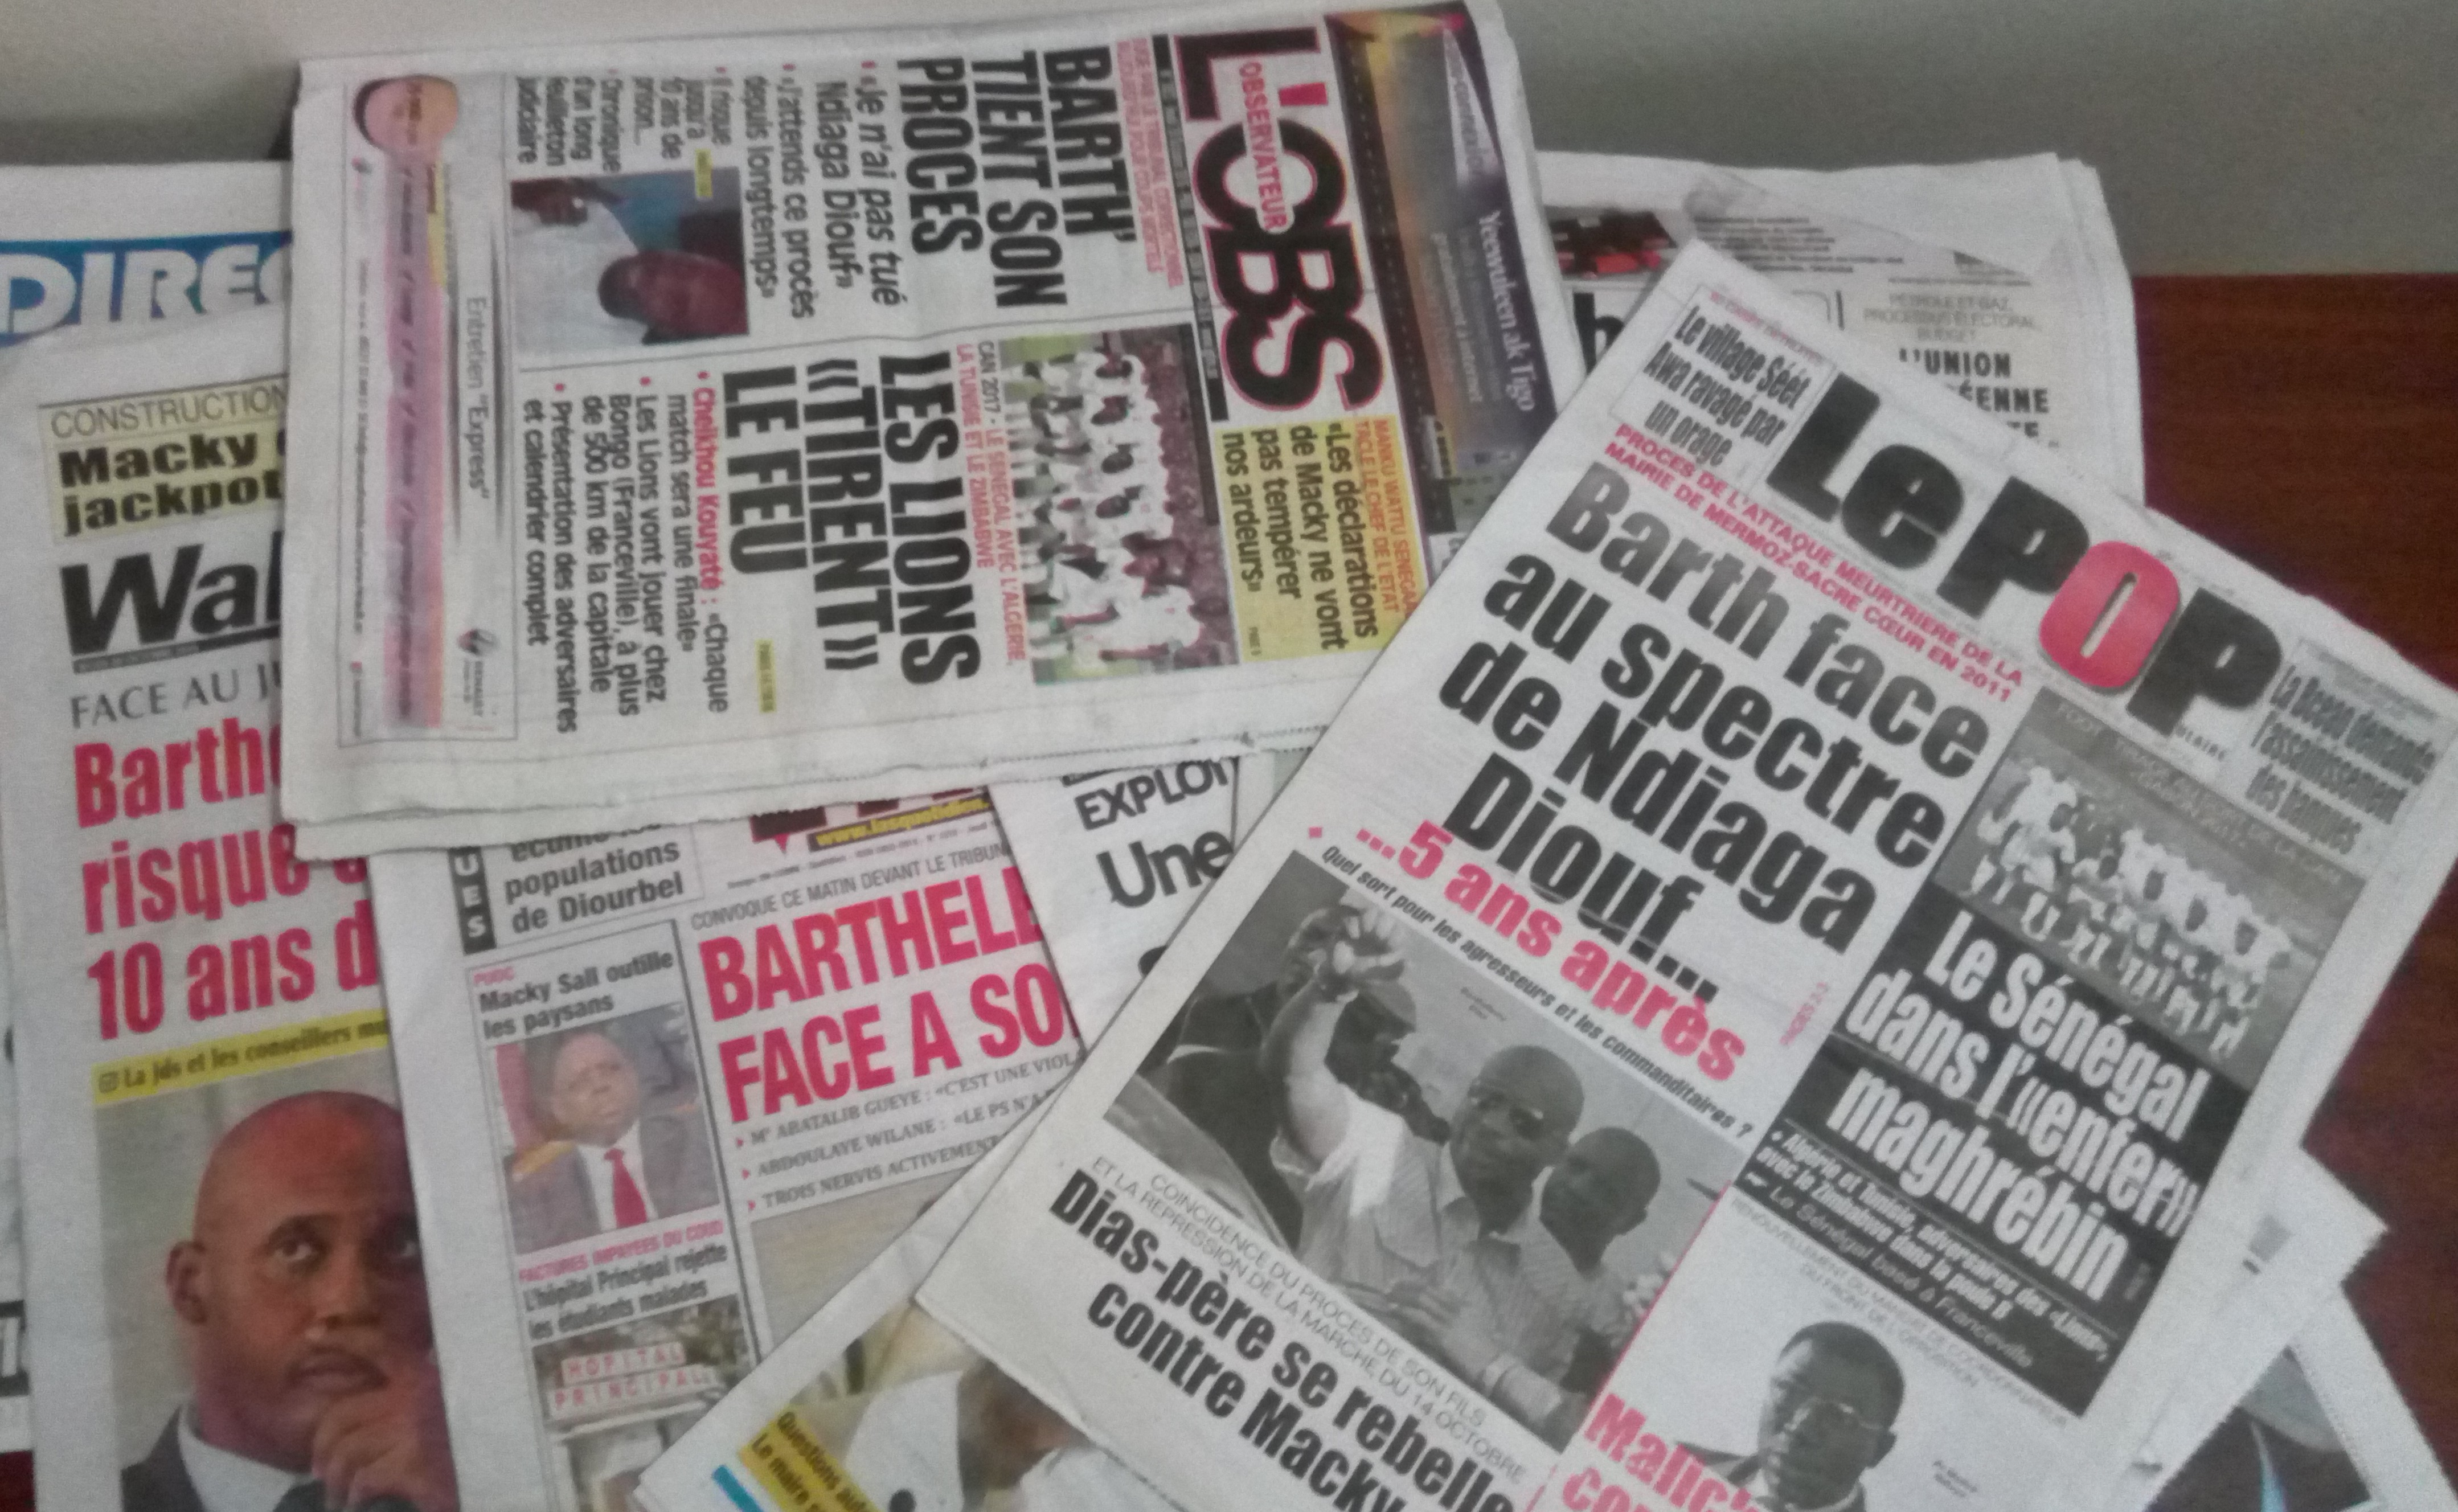 La Une des journaux du 3 novembre 2016 : La procédure pour la levée de l'immunité parlementaire de Barthélémy Dias mise en exergue